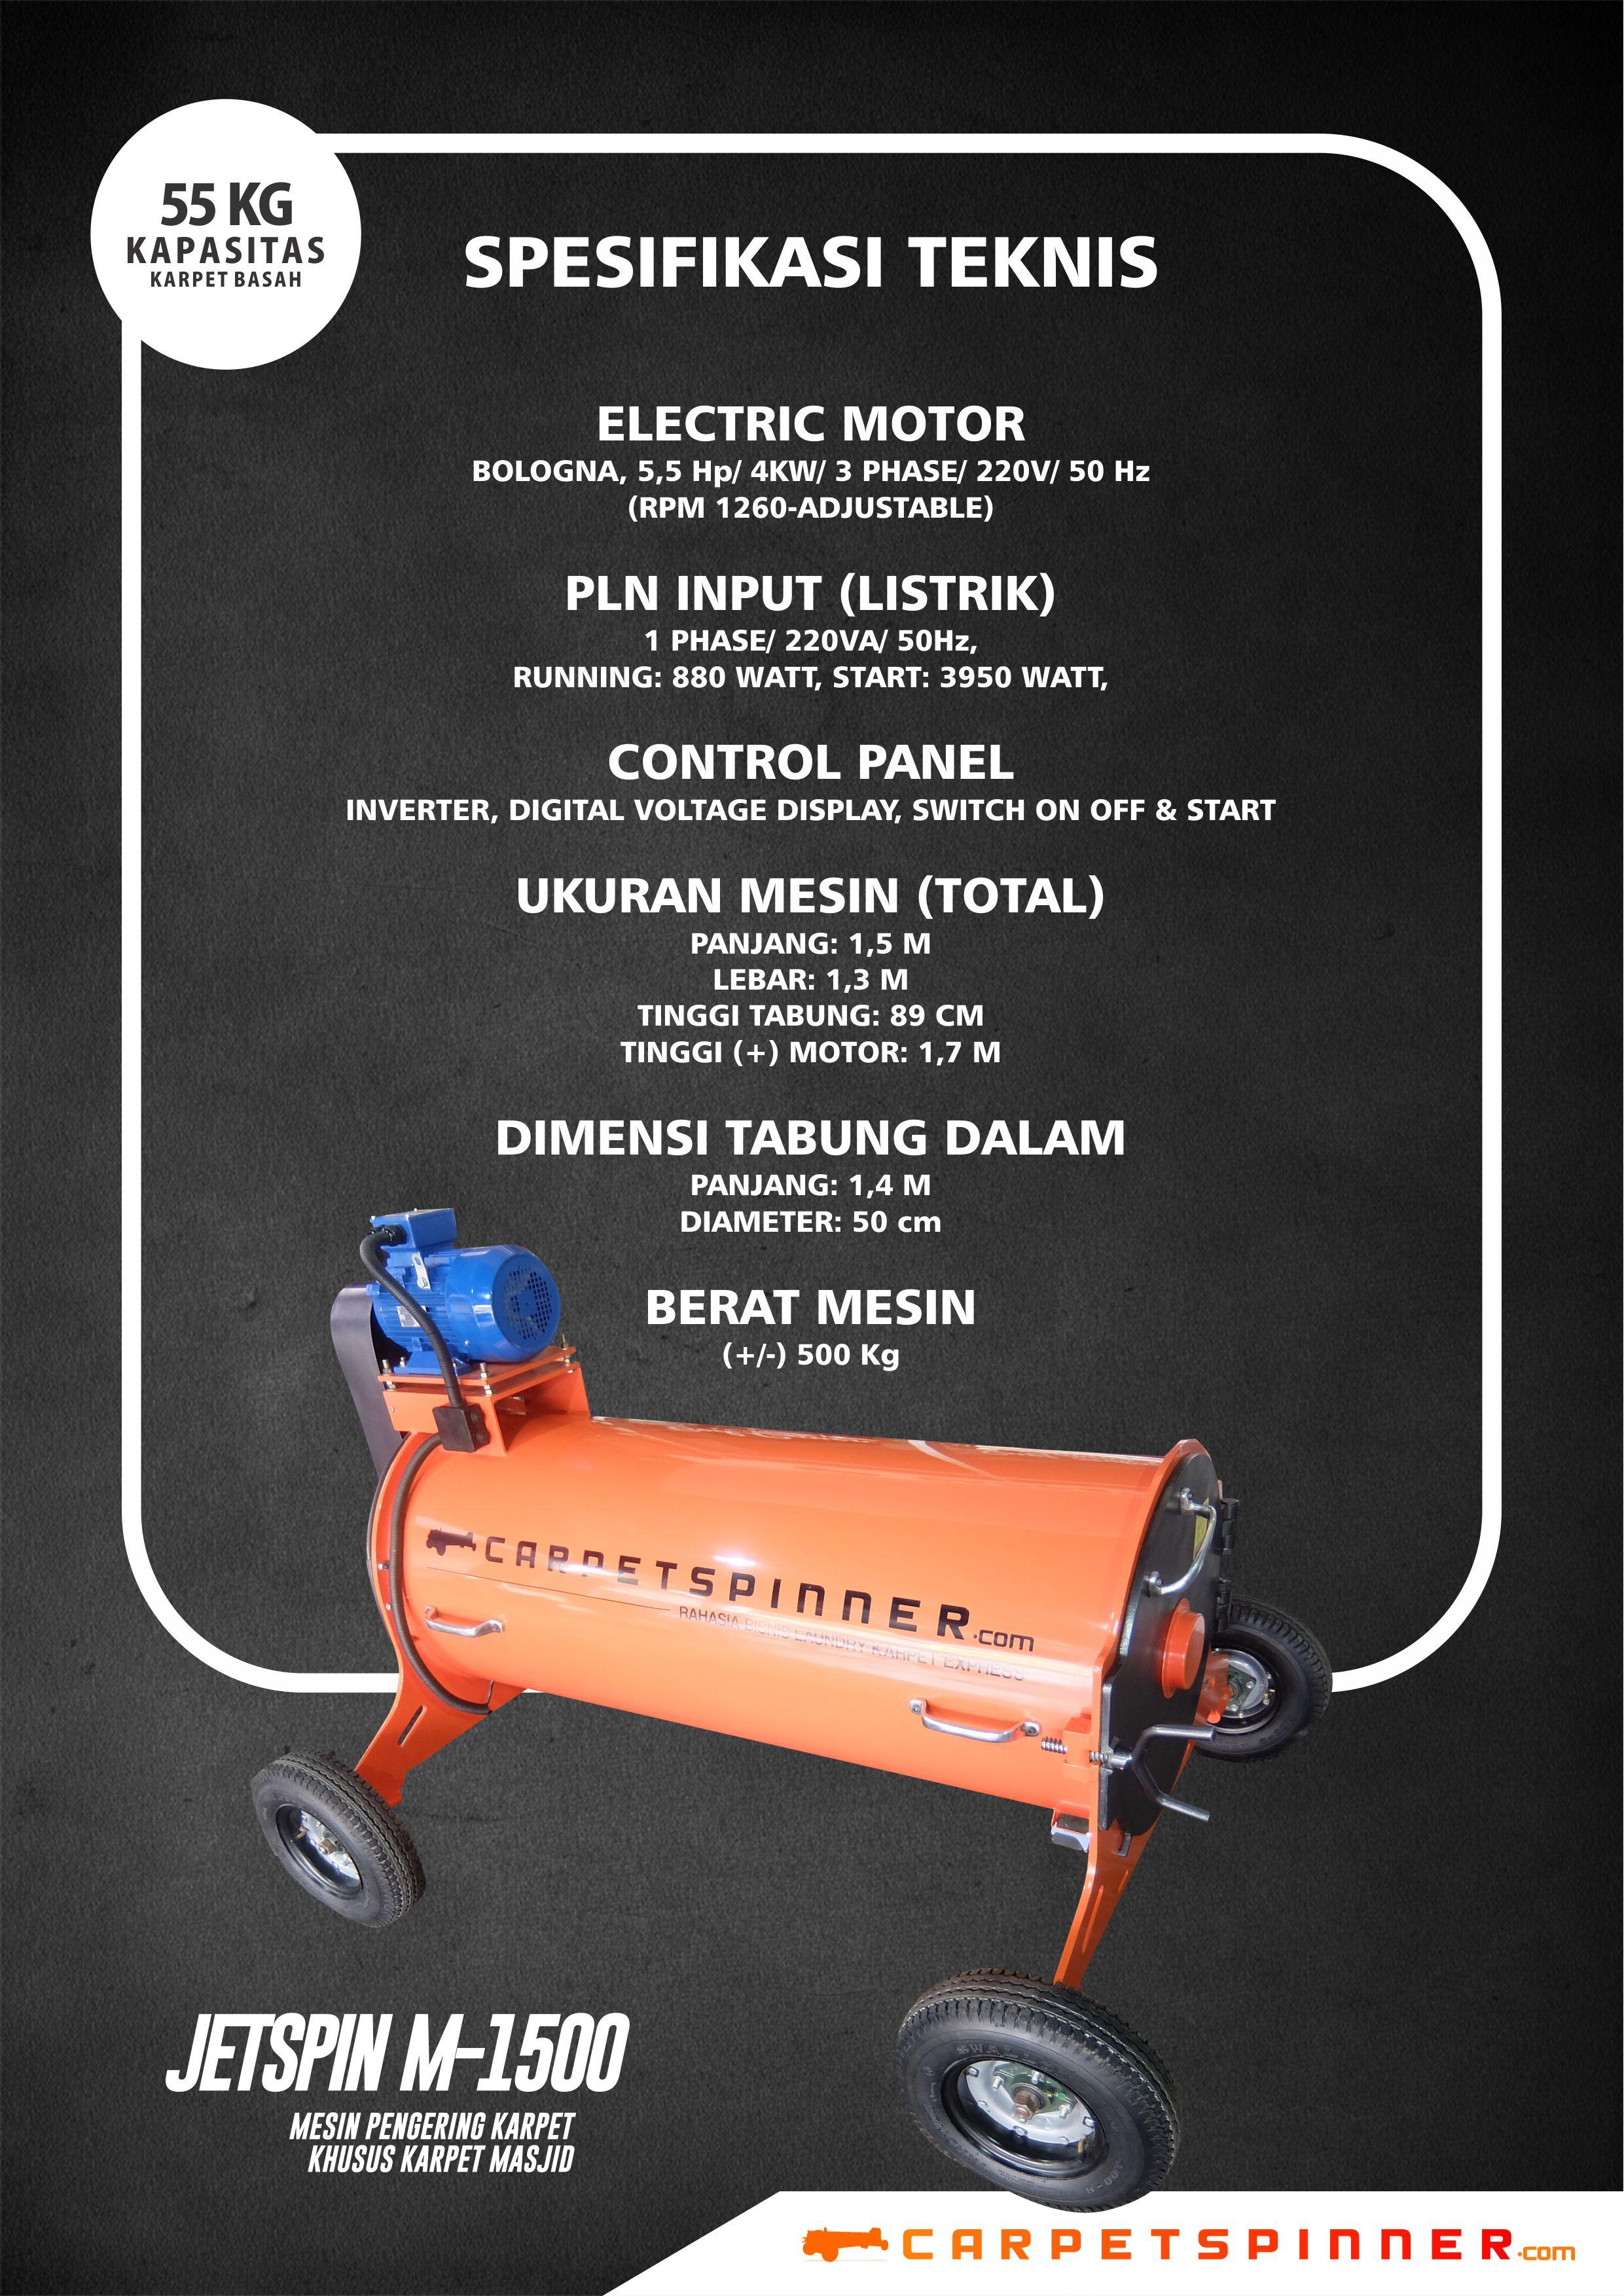 Spesifikasi Mesin Pengering Karpet JETSpin M-1500 Carpet Spinner 2019